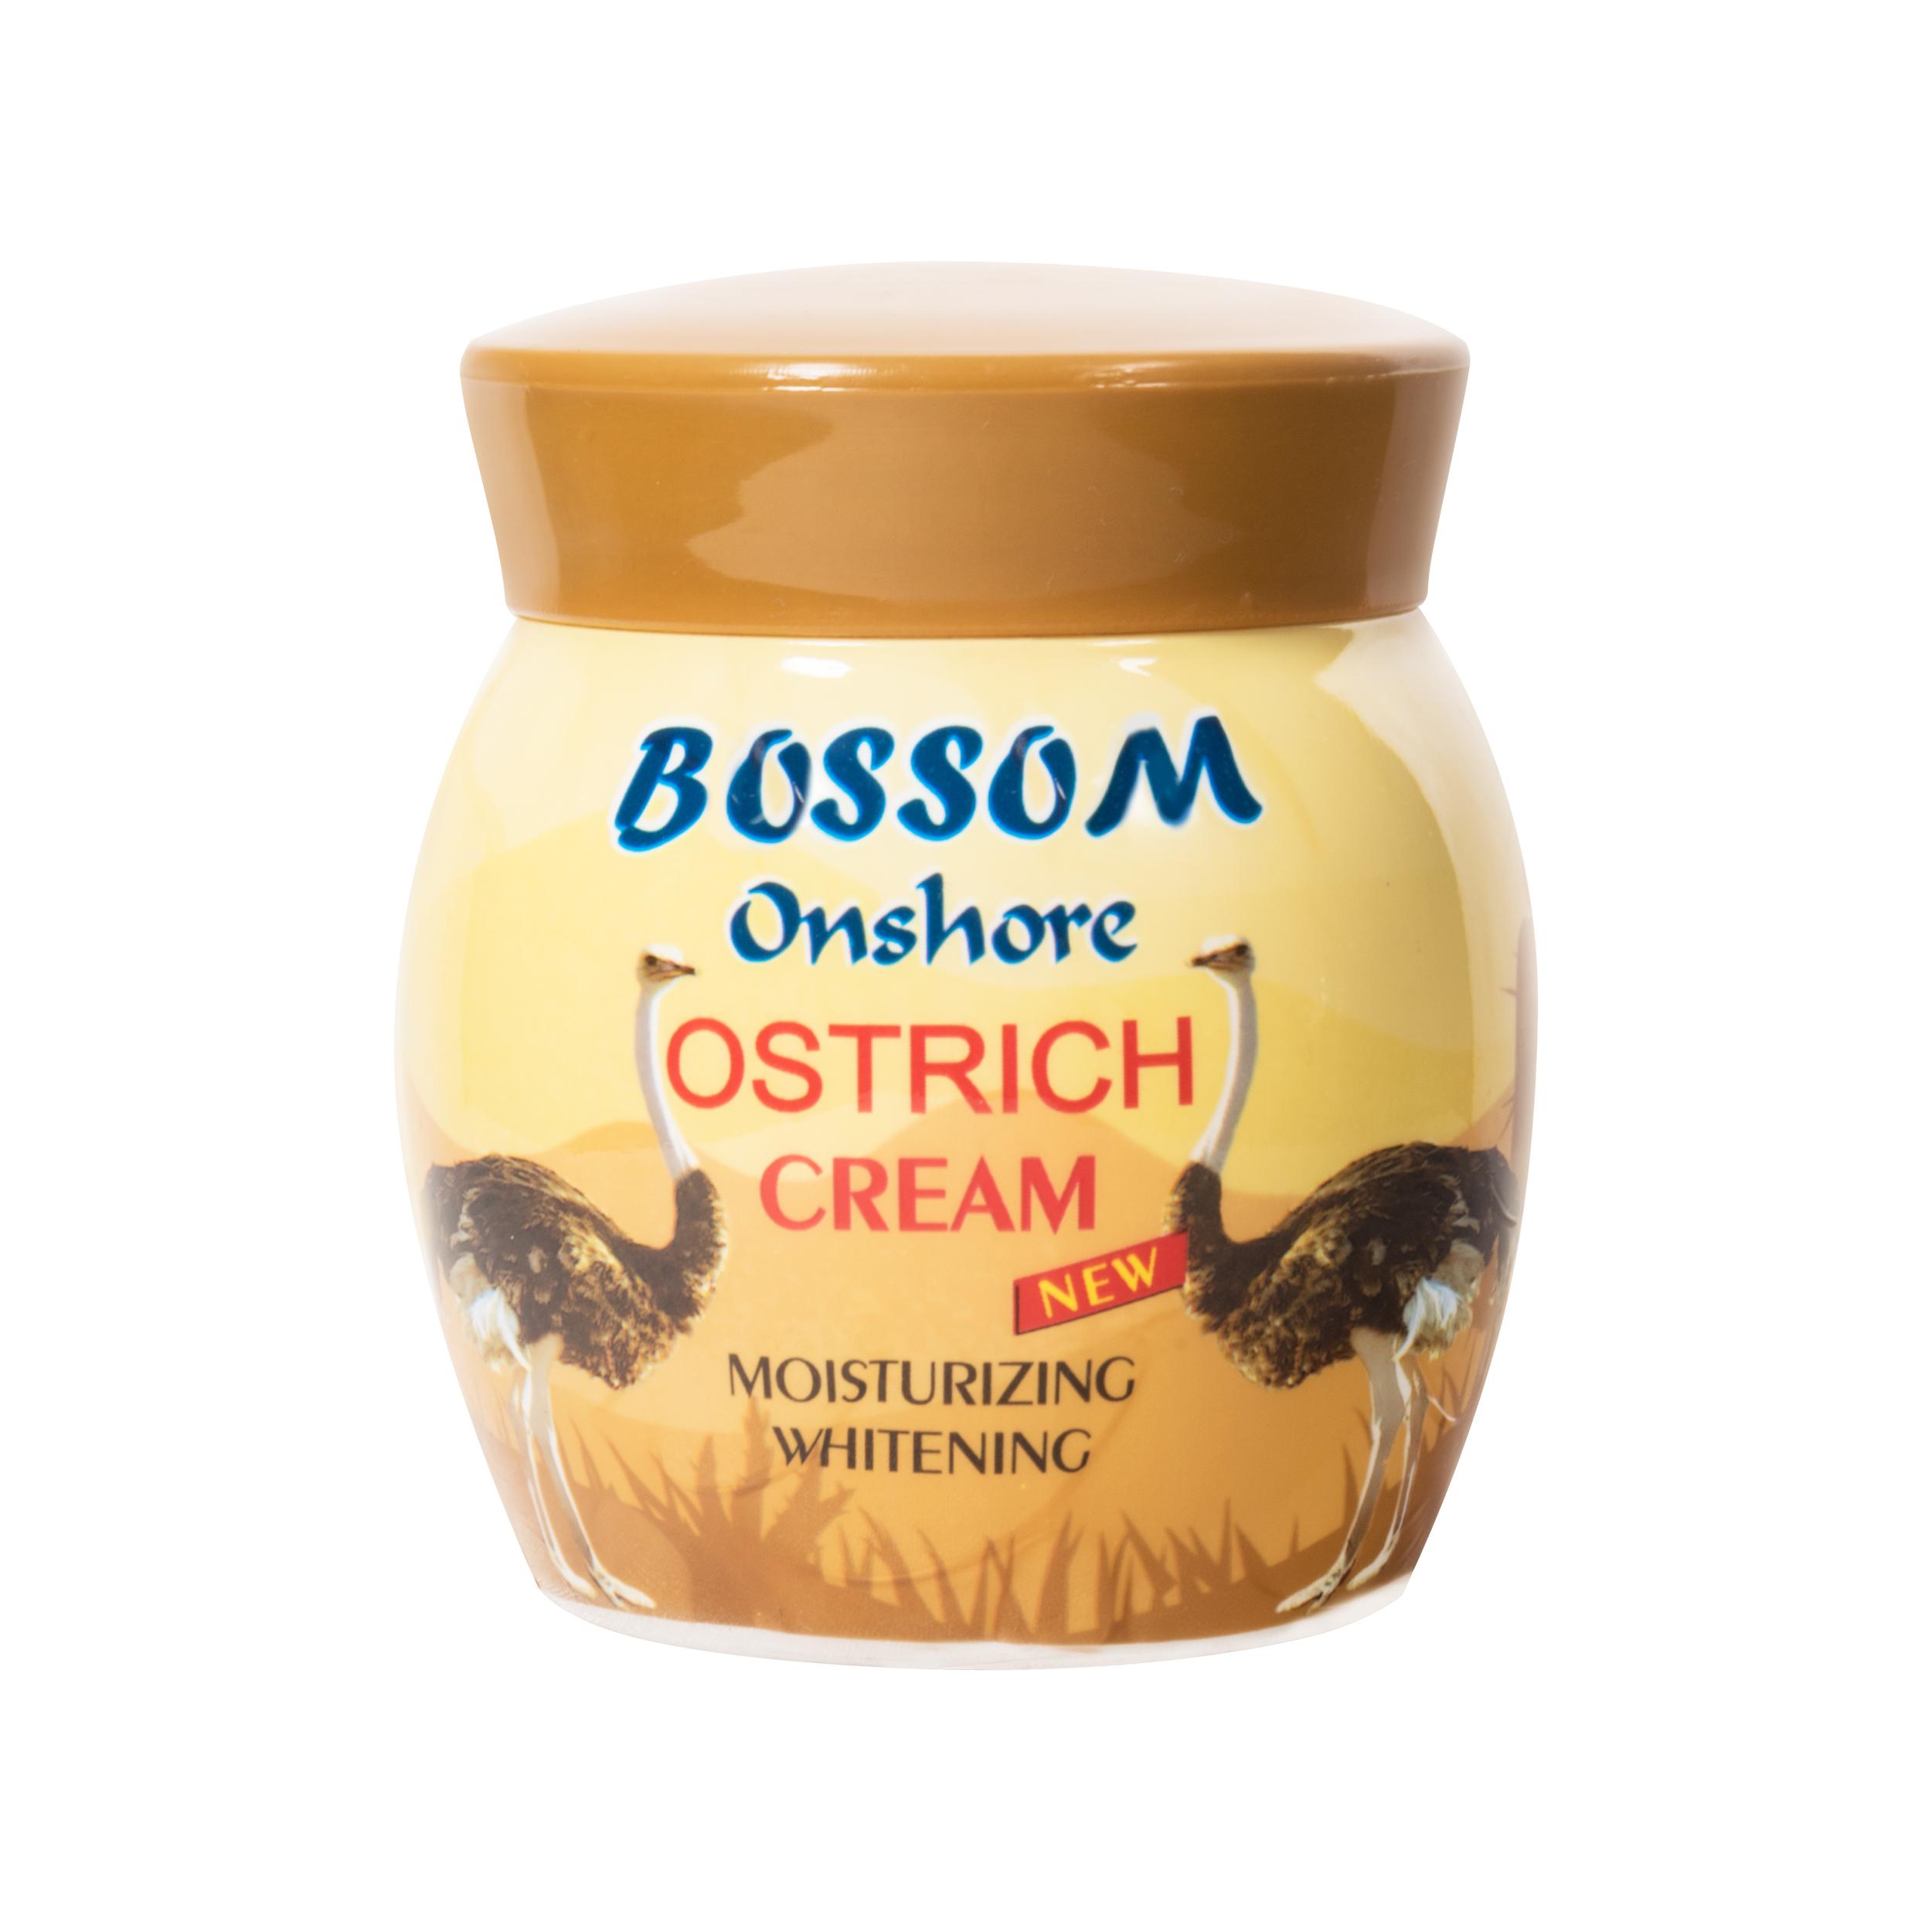 کرم مرطوب کننده انشور بوسوم مدل Ostrich Cream حجم 300 میلی لیتر